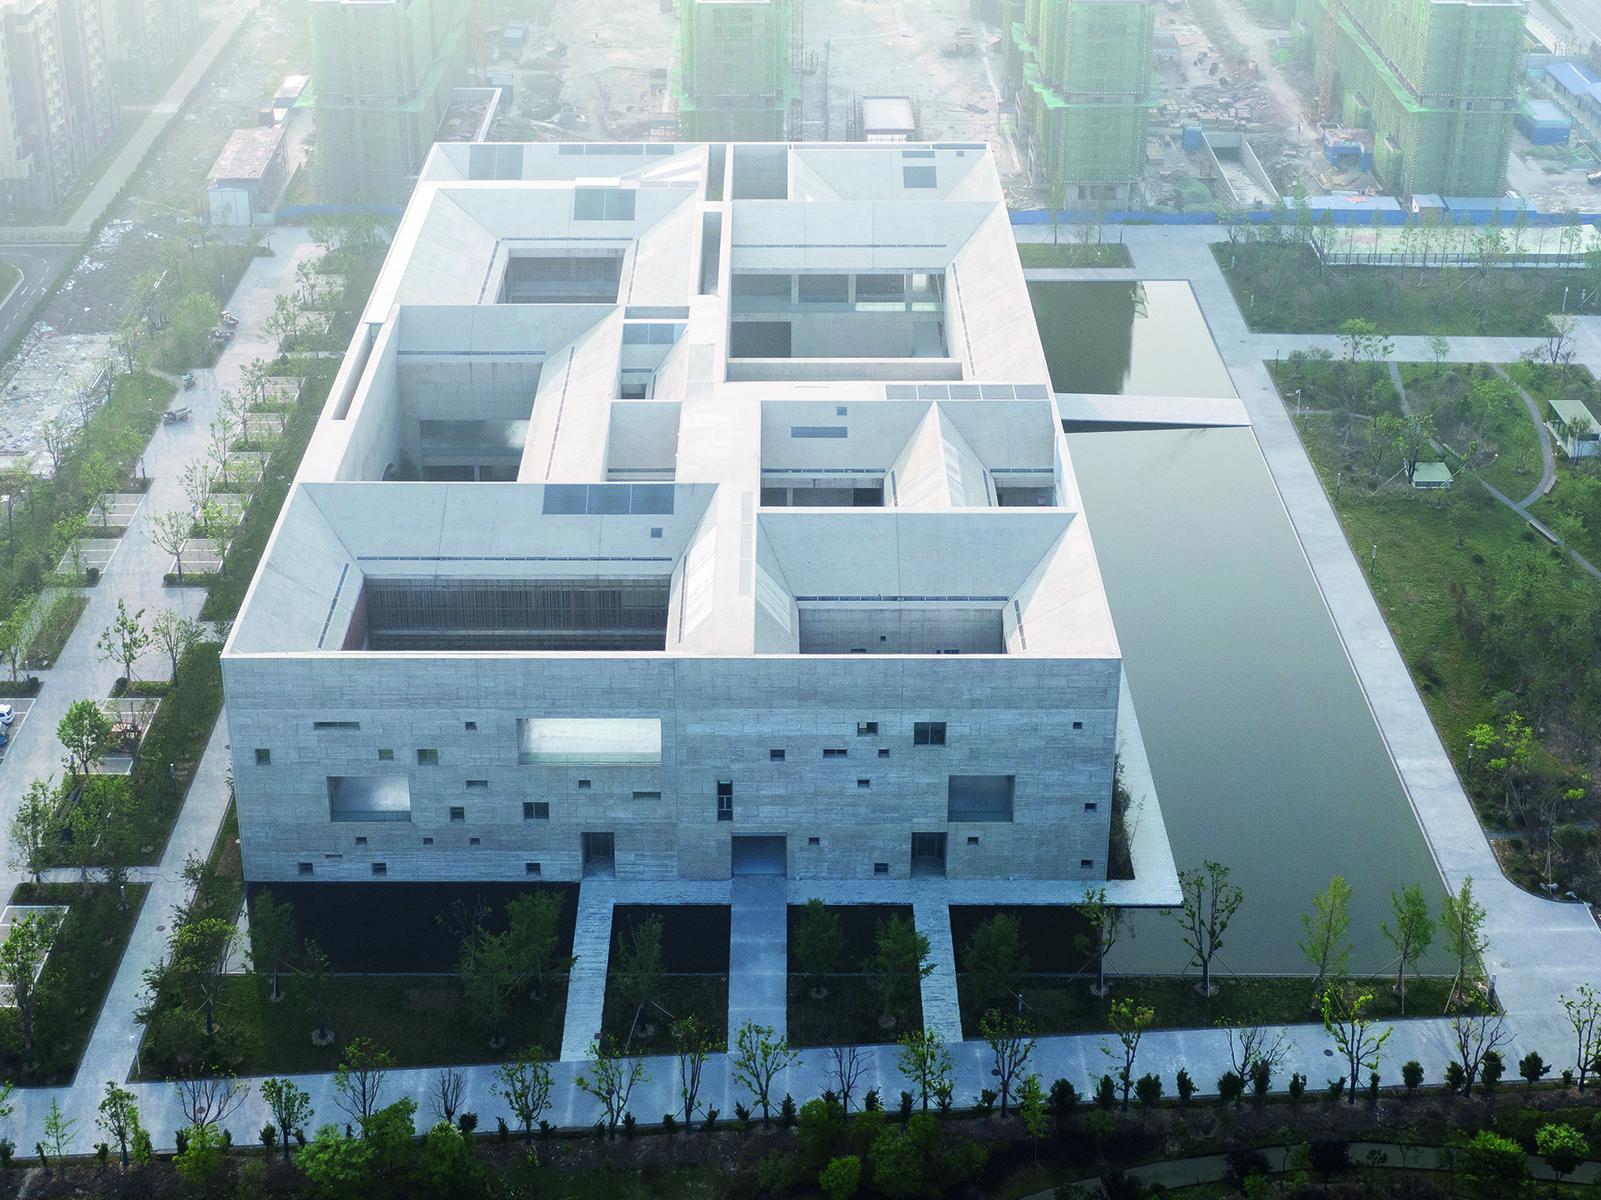 Architecture China: RE/DEFINE Tradition